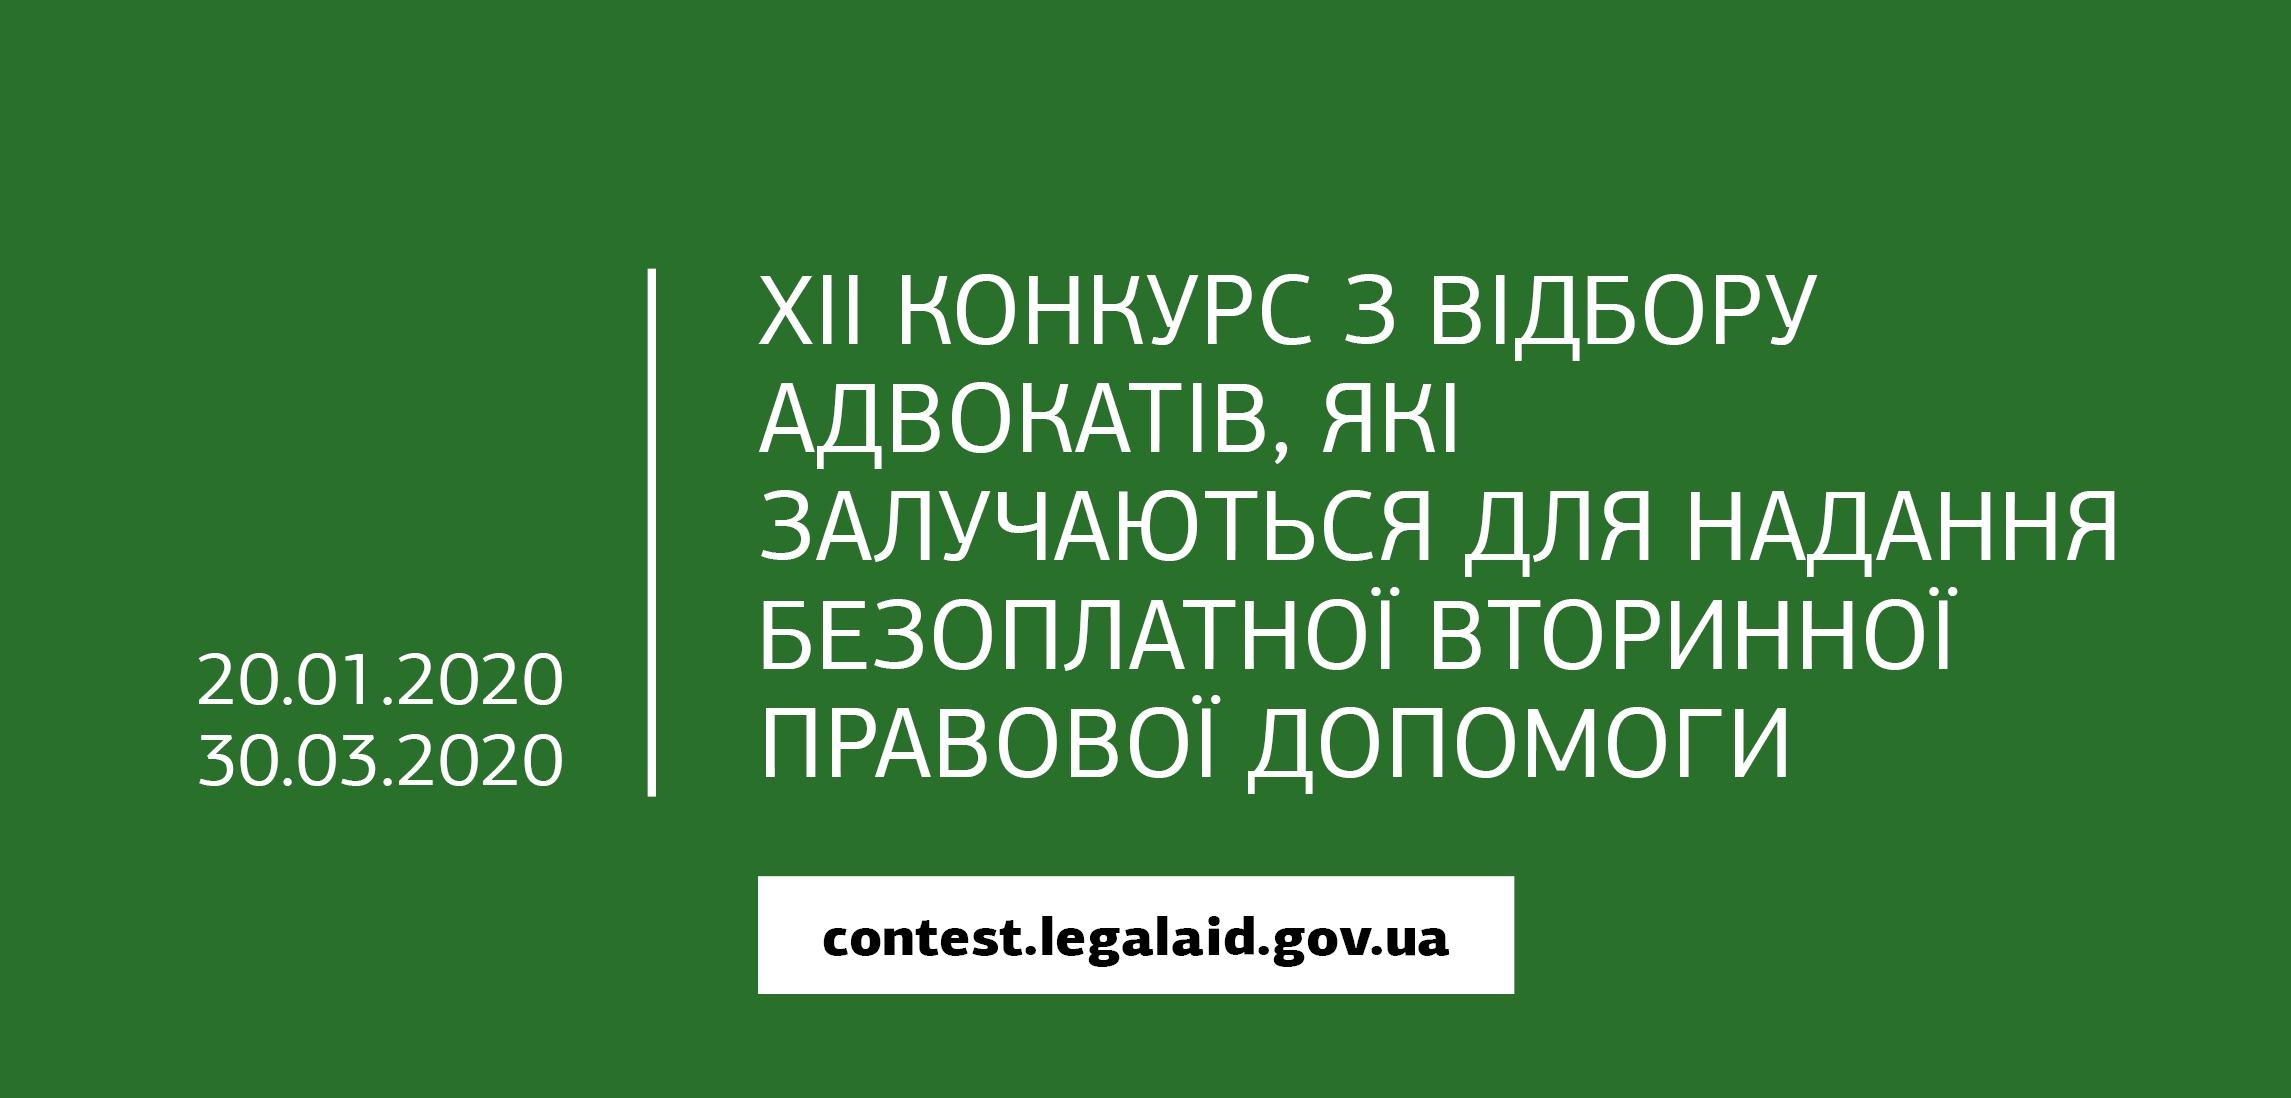 Щодо конкурсу з відбору адвокатів, які залучаються для надання безоплатної вторинної правової допомоги